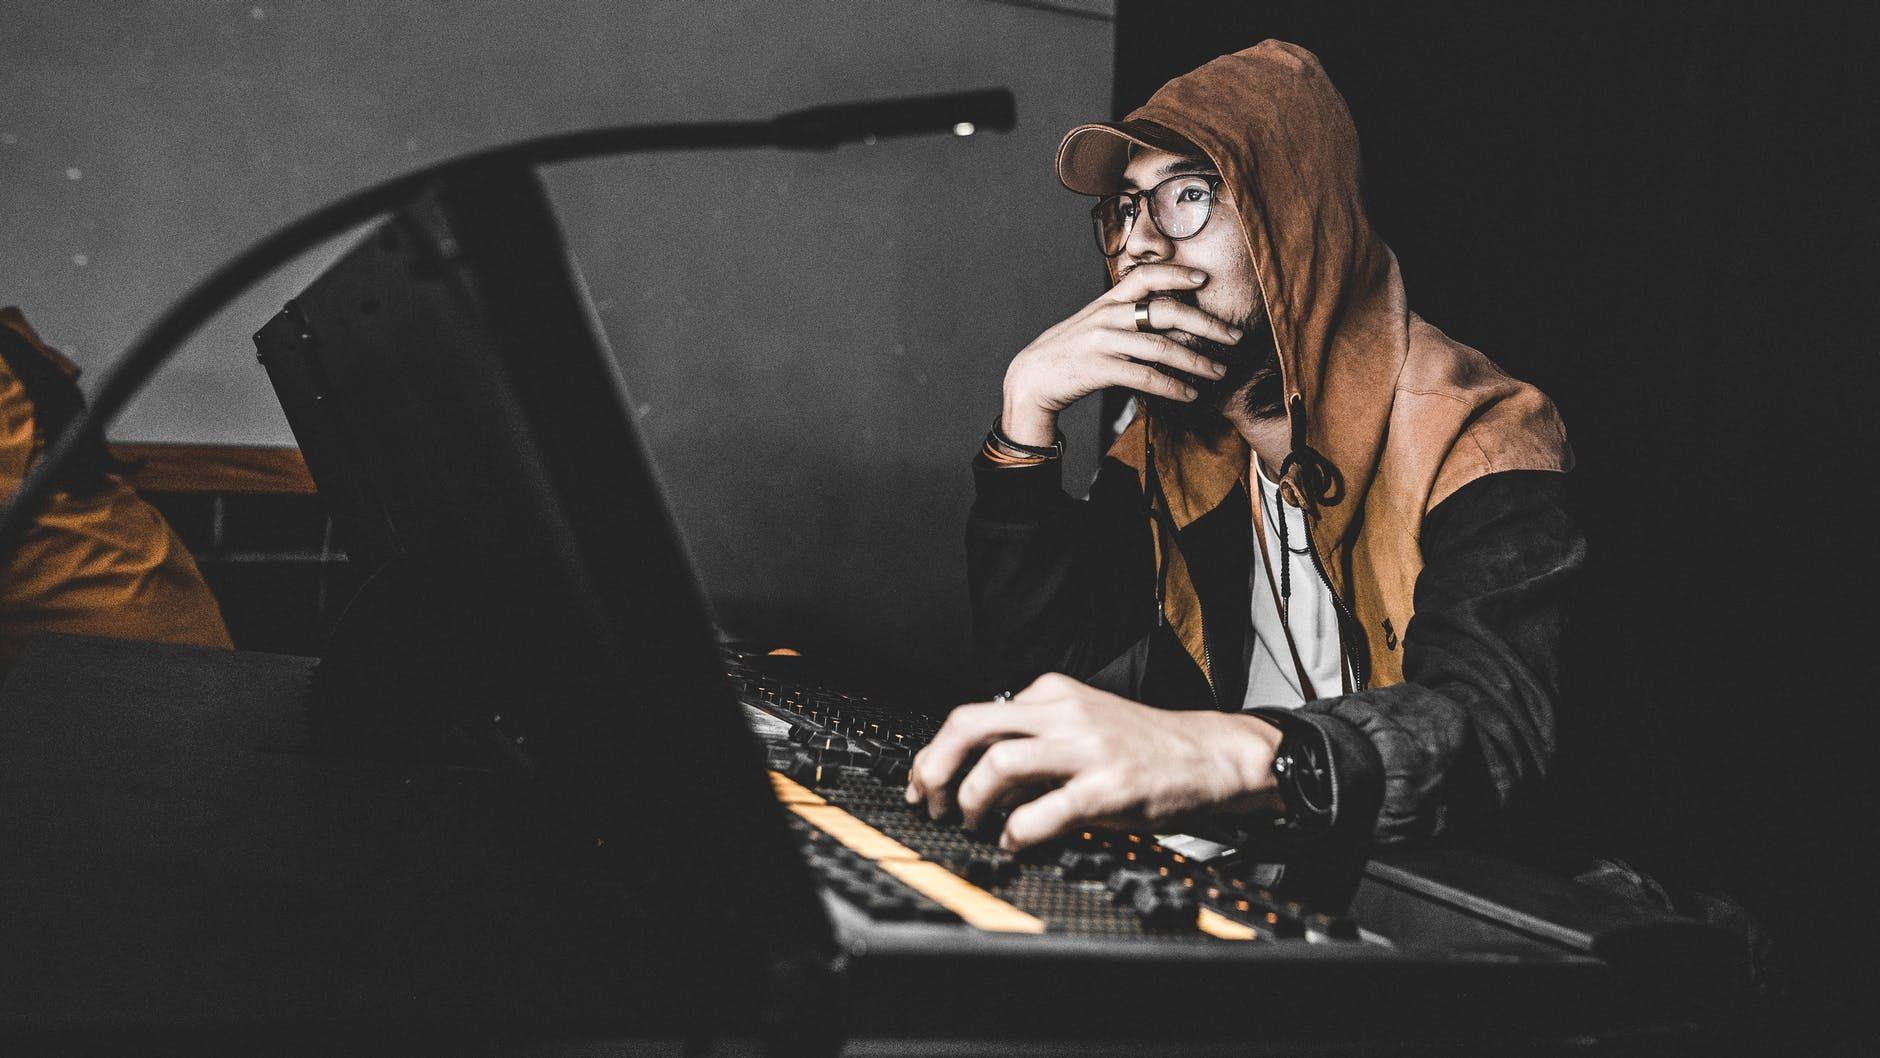 Técnico de áudio opera mesa de som durante gravação